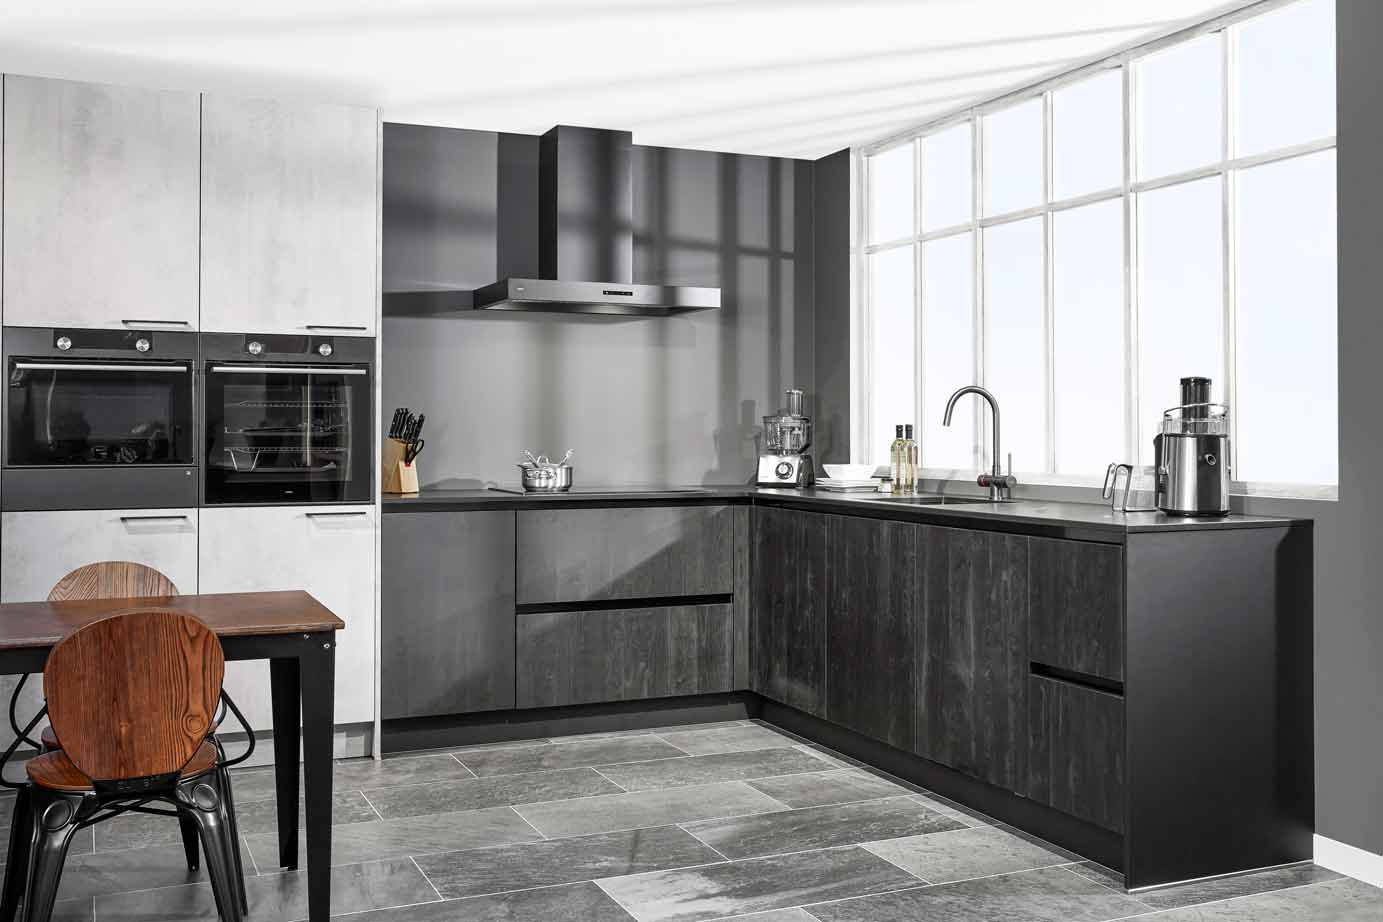 Recht Keuken Zwart : Zwarte keuken kopen bekijk tientallen voorbeelden arma